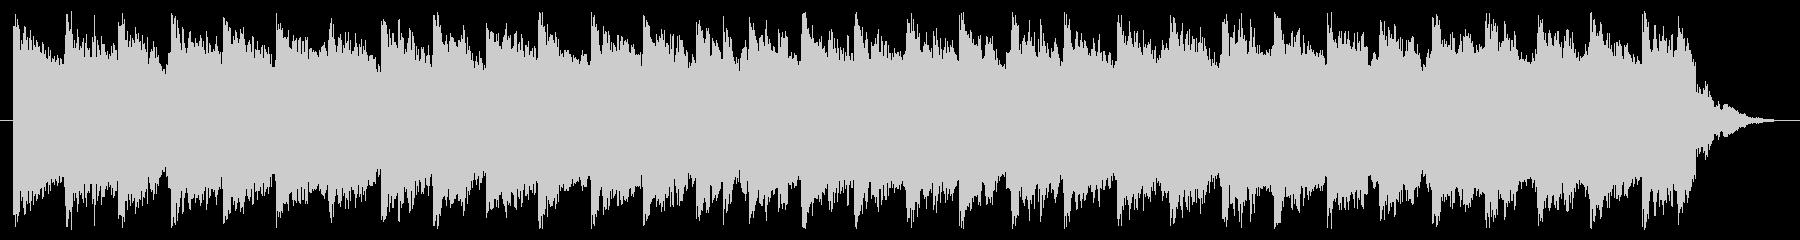 ブーン(サイレン、アラーム音)(高音)の未再生の波形